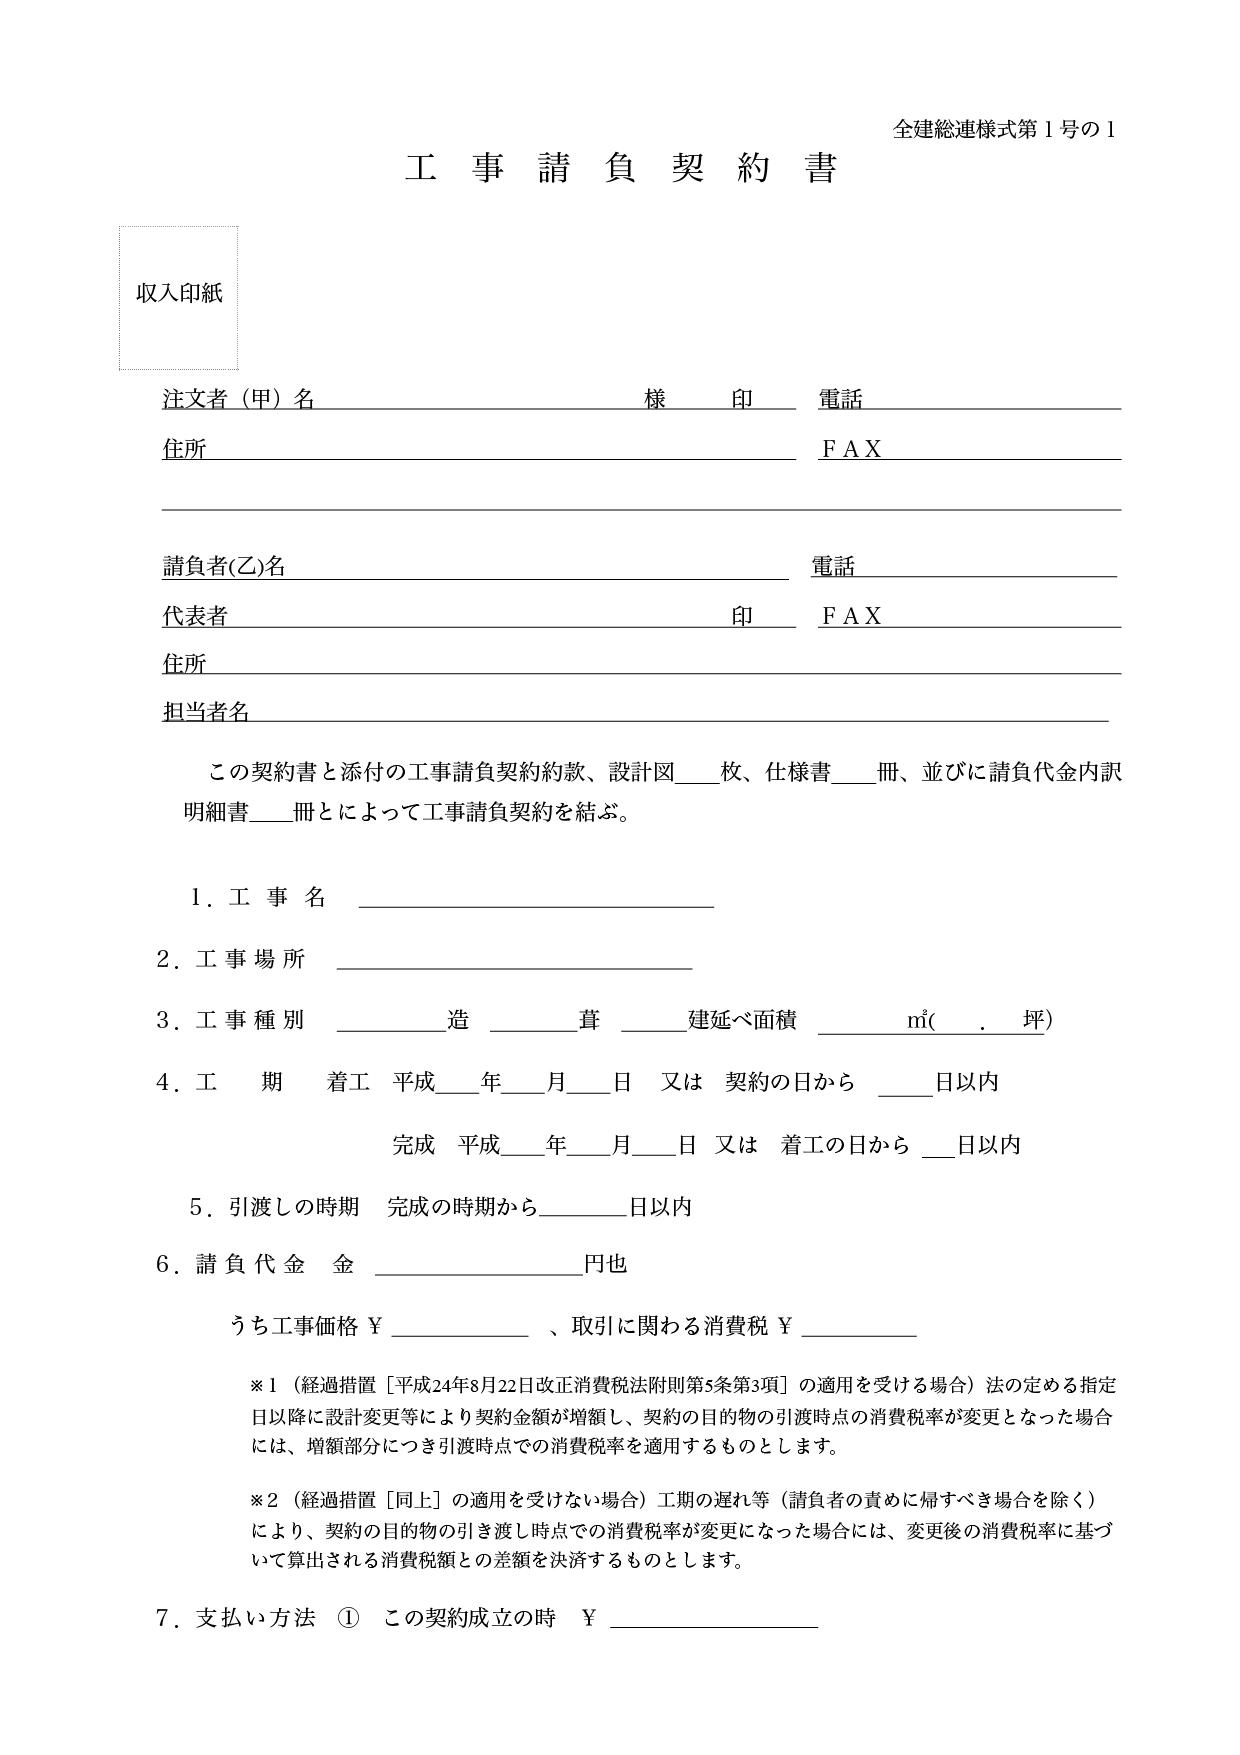 工事請負契約書の印紙付きテンプレート(ワード・ページズ)